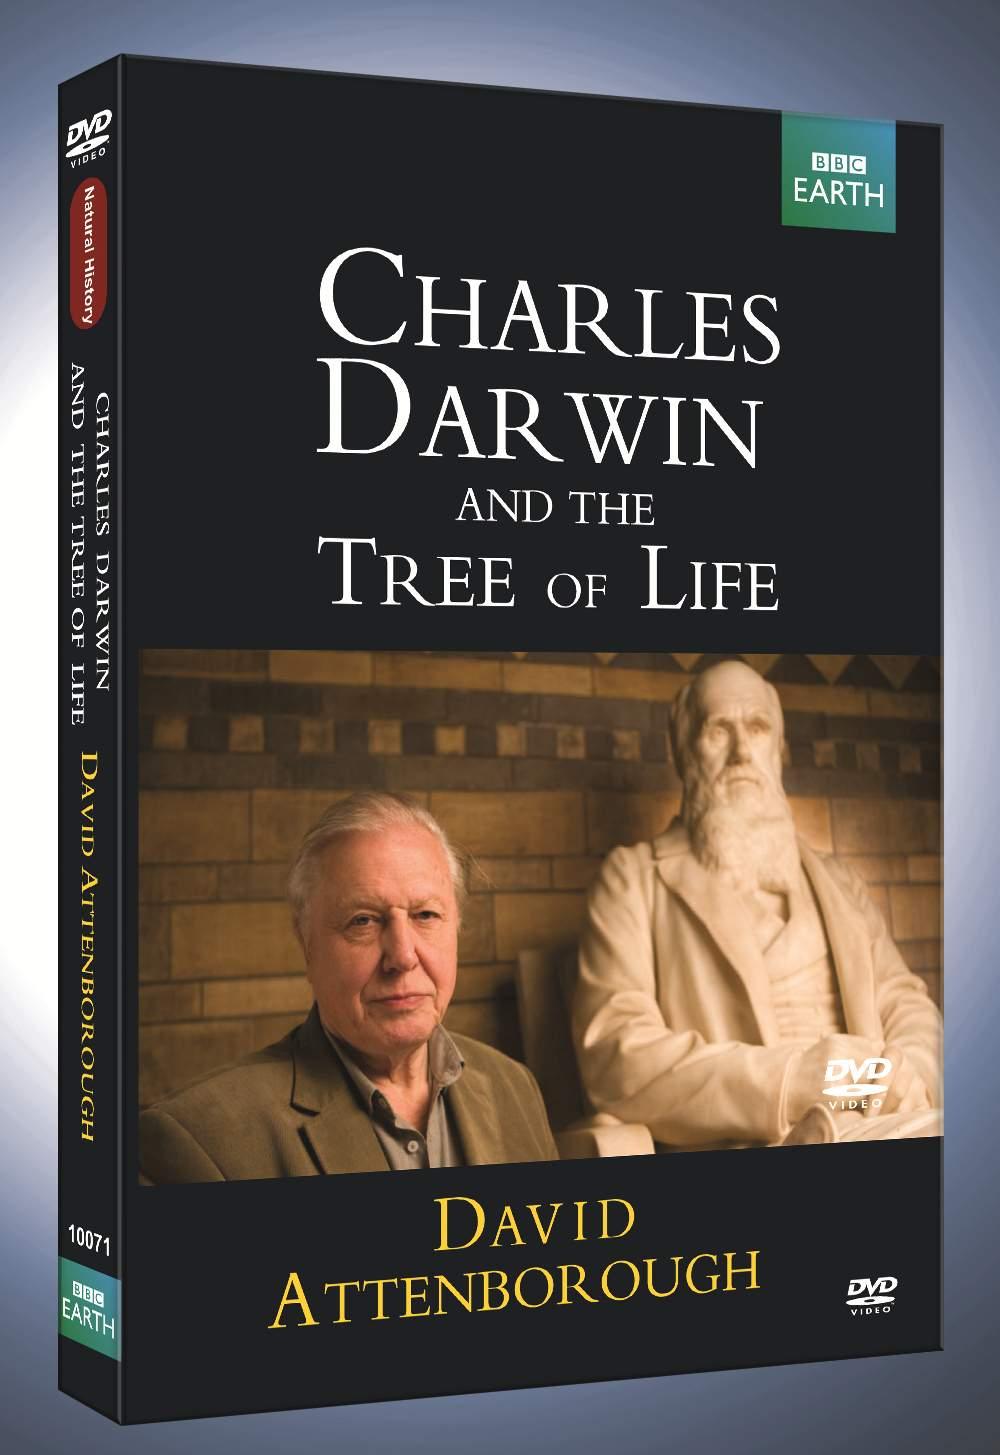 دانلود مستند رایگان: چارلز داروین و درخت زندگی + زیرنویس فارسی